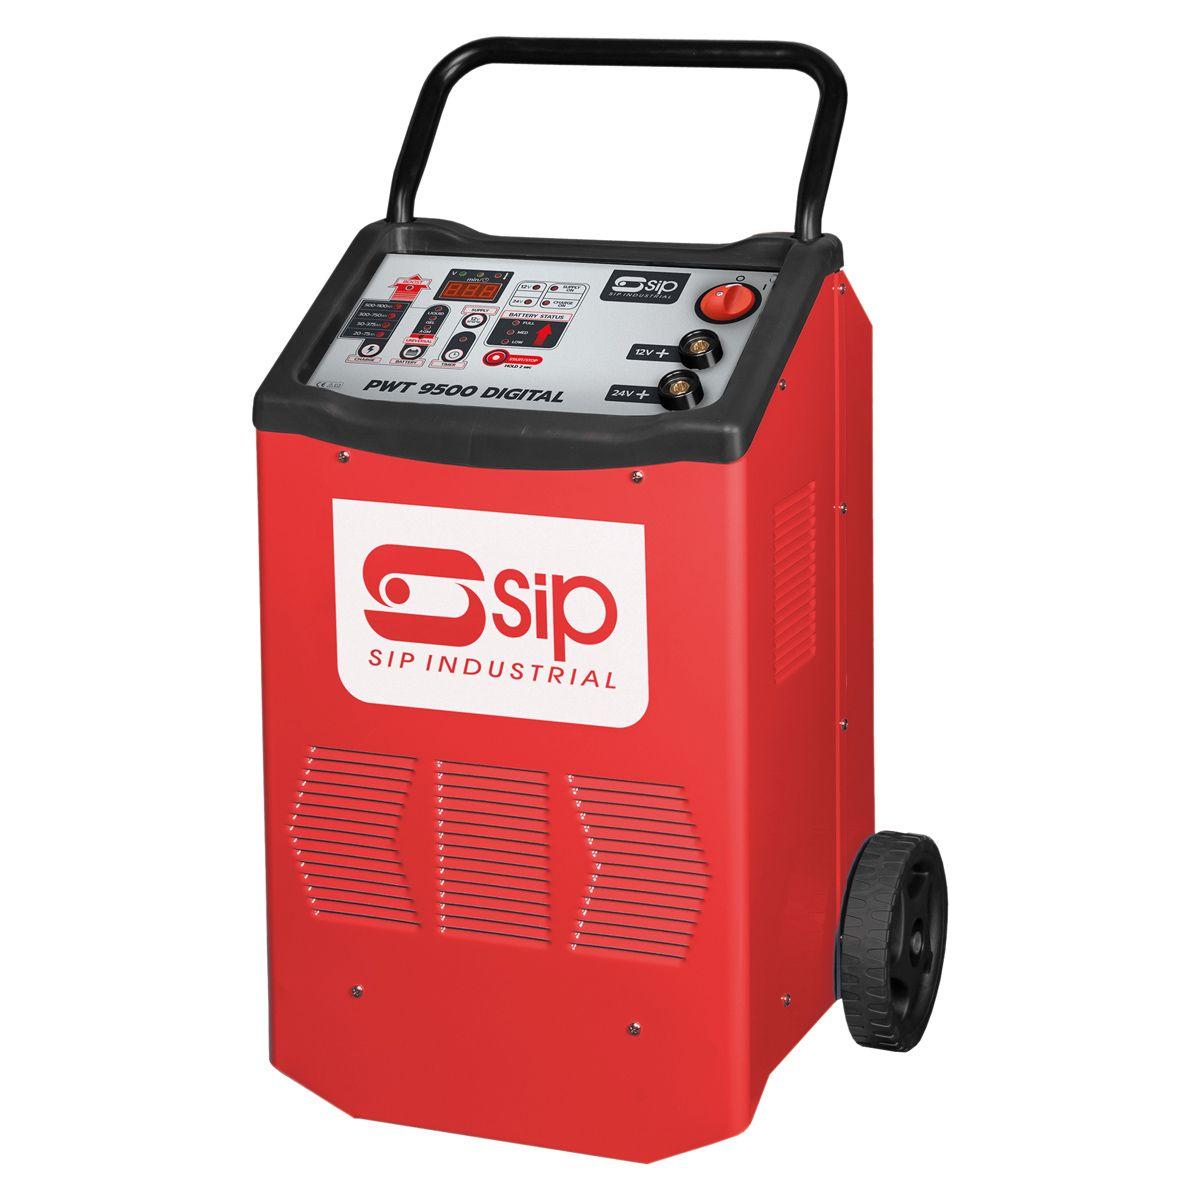 SIP Startmaster PWT9500 Starter Charger 230v